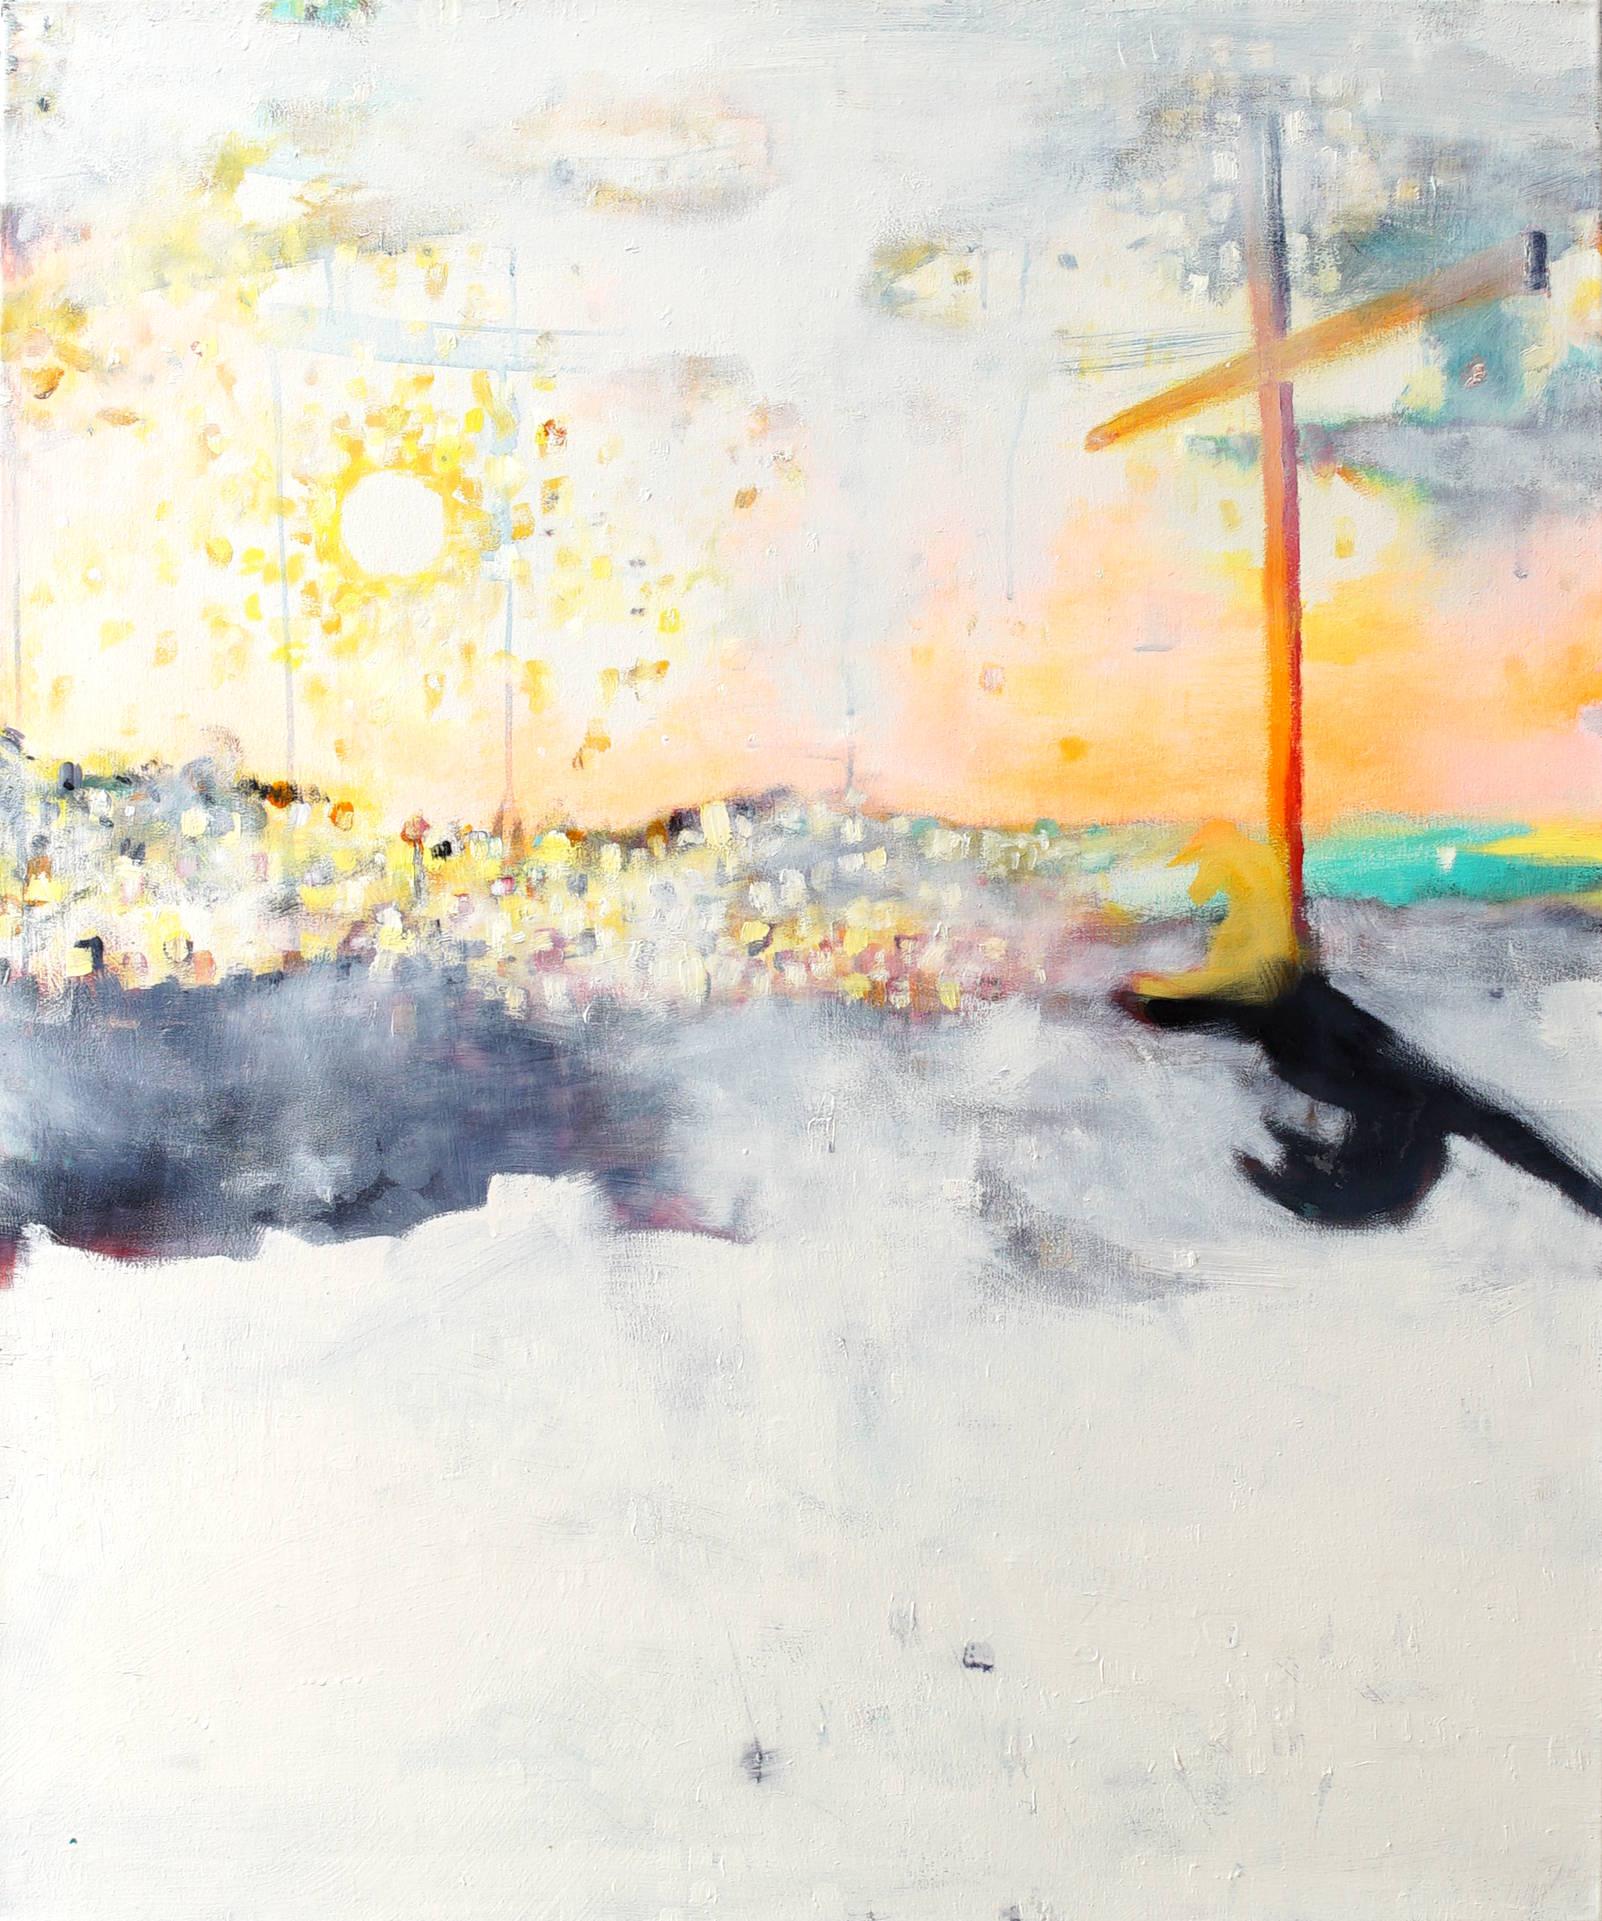 Schlafendes Schwein mit Kreuz (sleeping pig with cross) by Jonas Hofrichter, 2014. Oil and acrylic on canvas, 120 x 100 cm